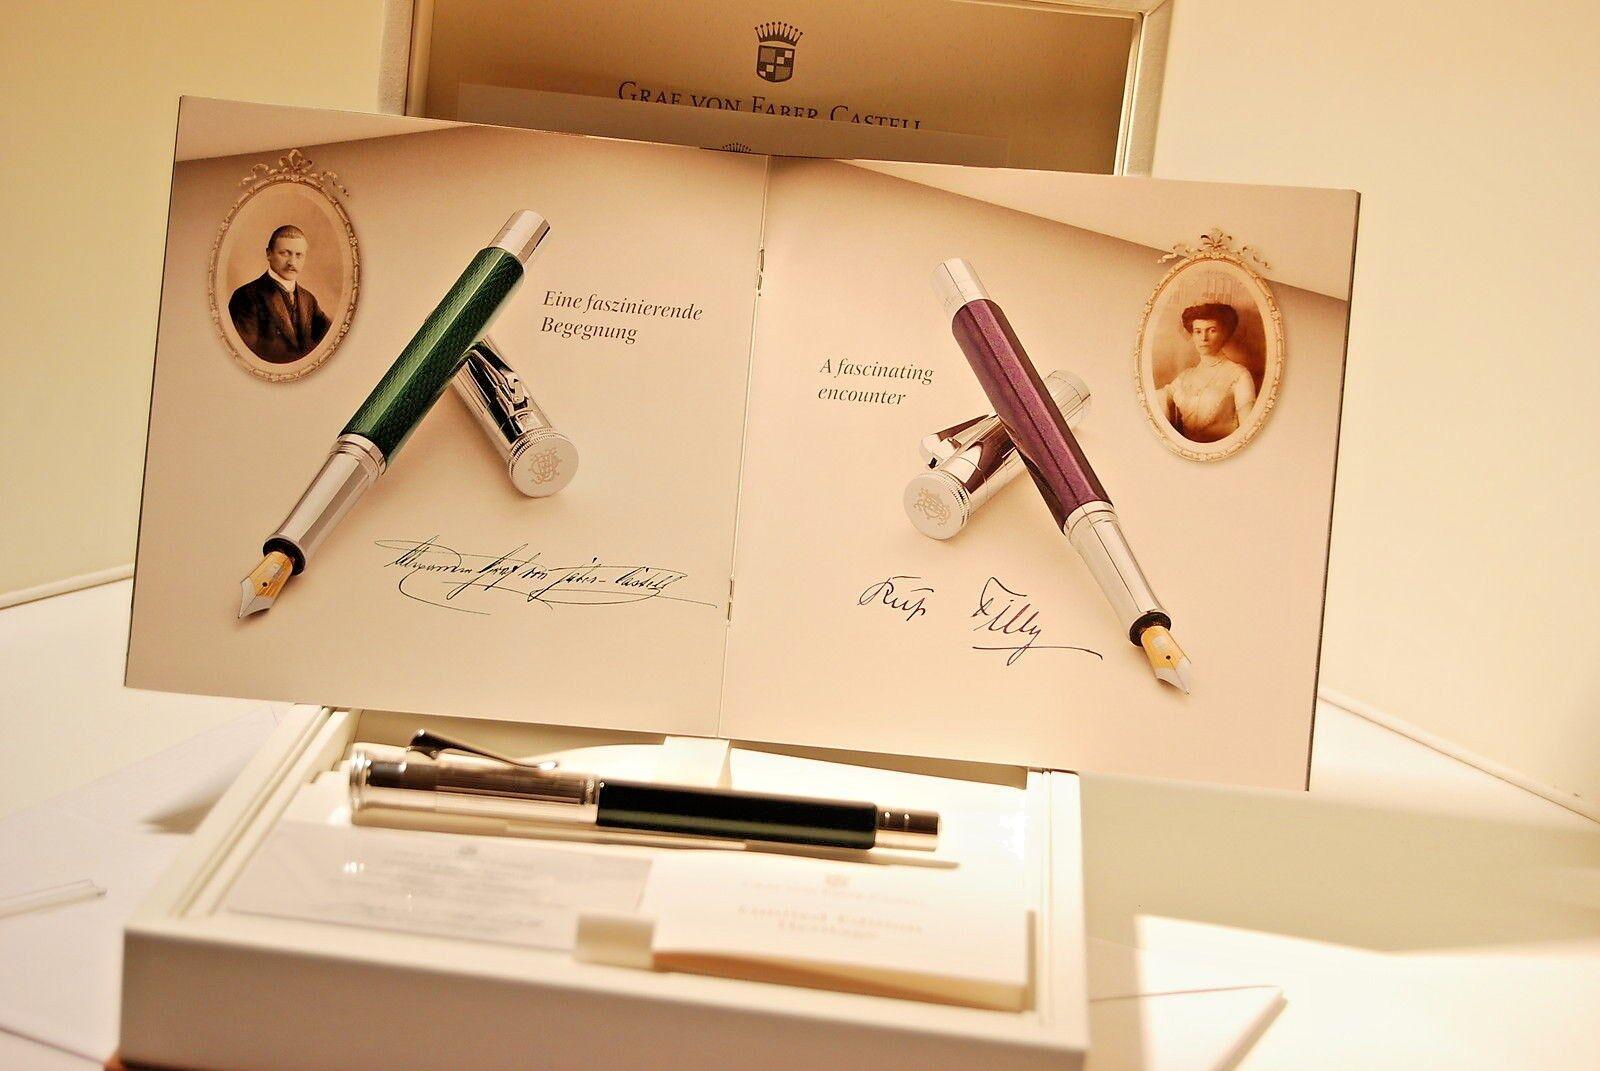 Graf von Faber Castell Limited Edition Heritage Alexander Fountain Pen | Sehr gelobt und vom Publikum der Verbraucher geschätzt